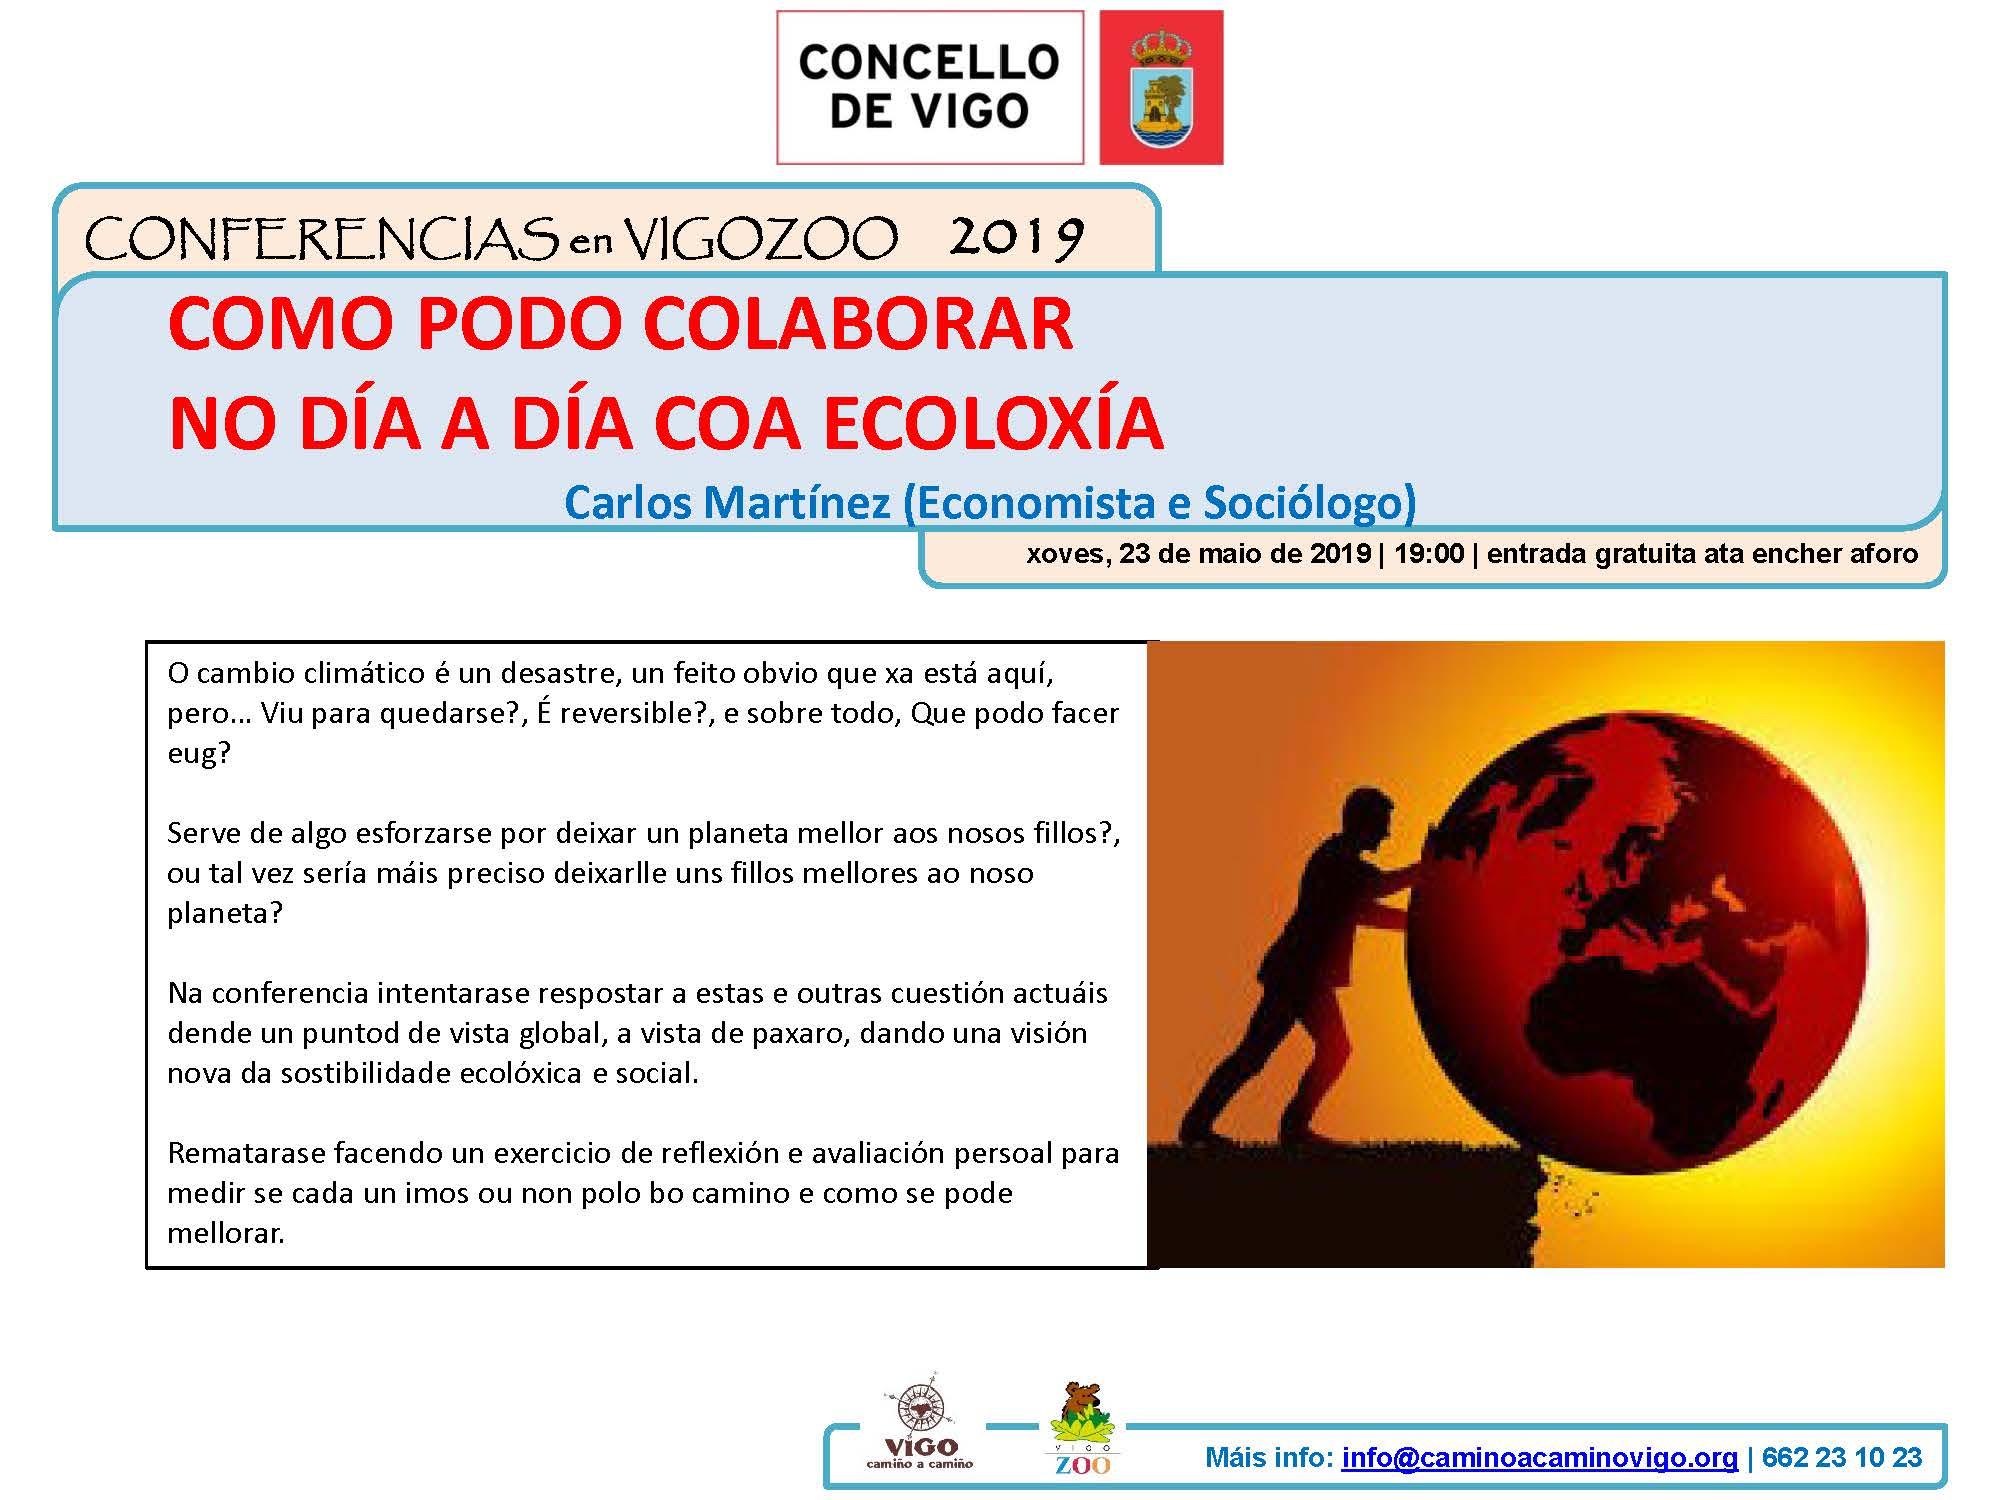 Conf VGZ19 - 03 Colaborar coa ecoloxía 230519